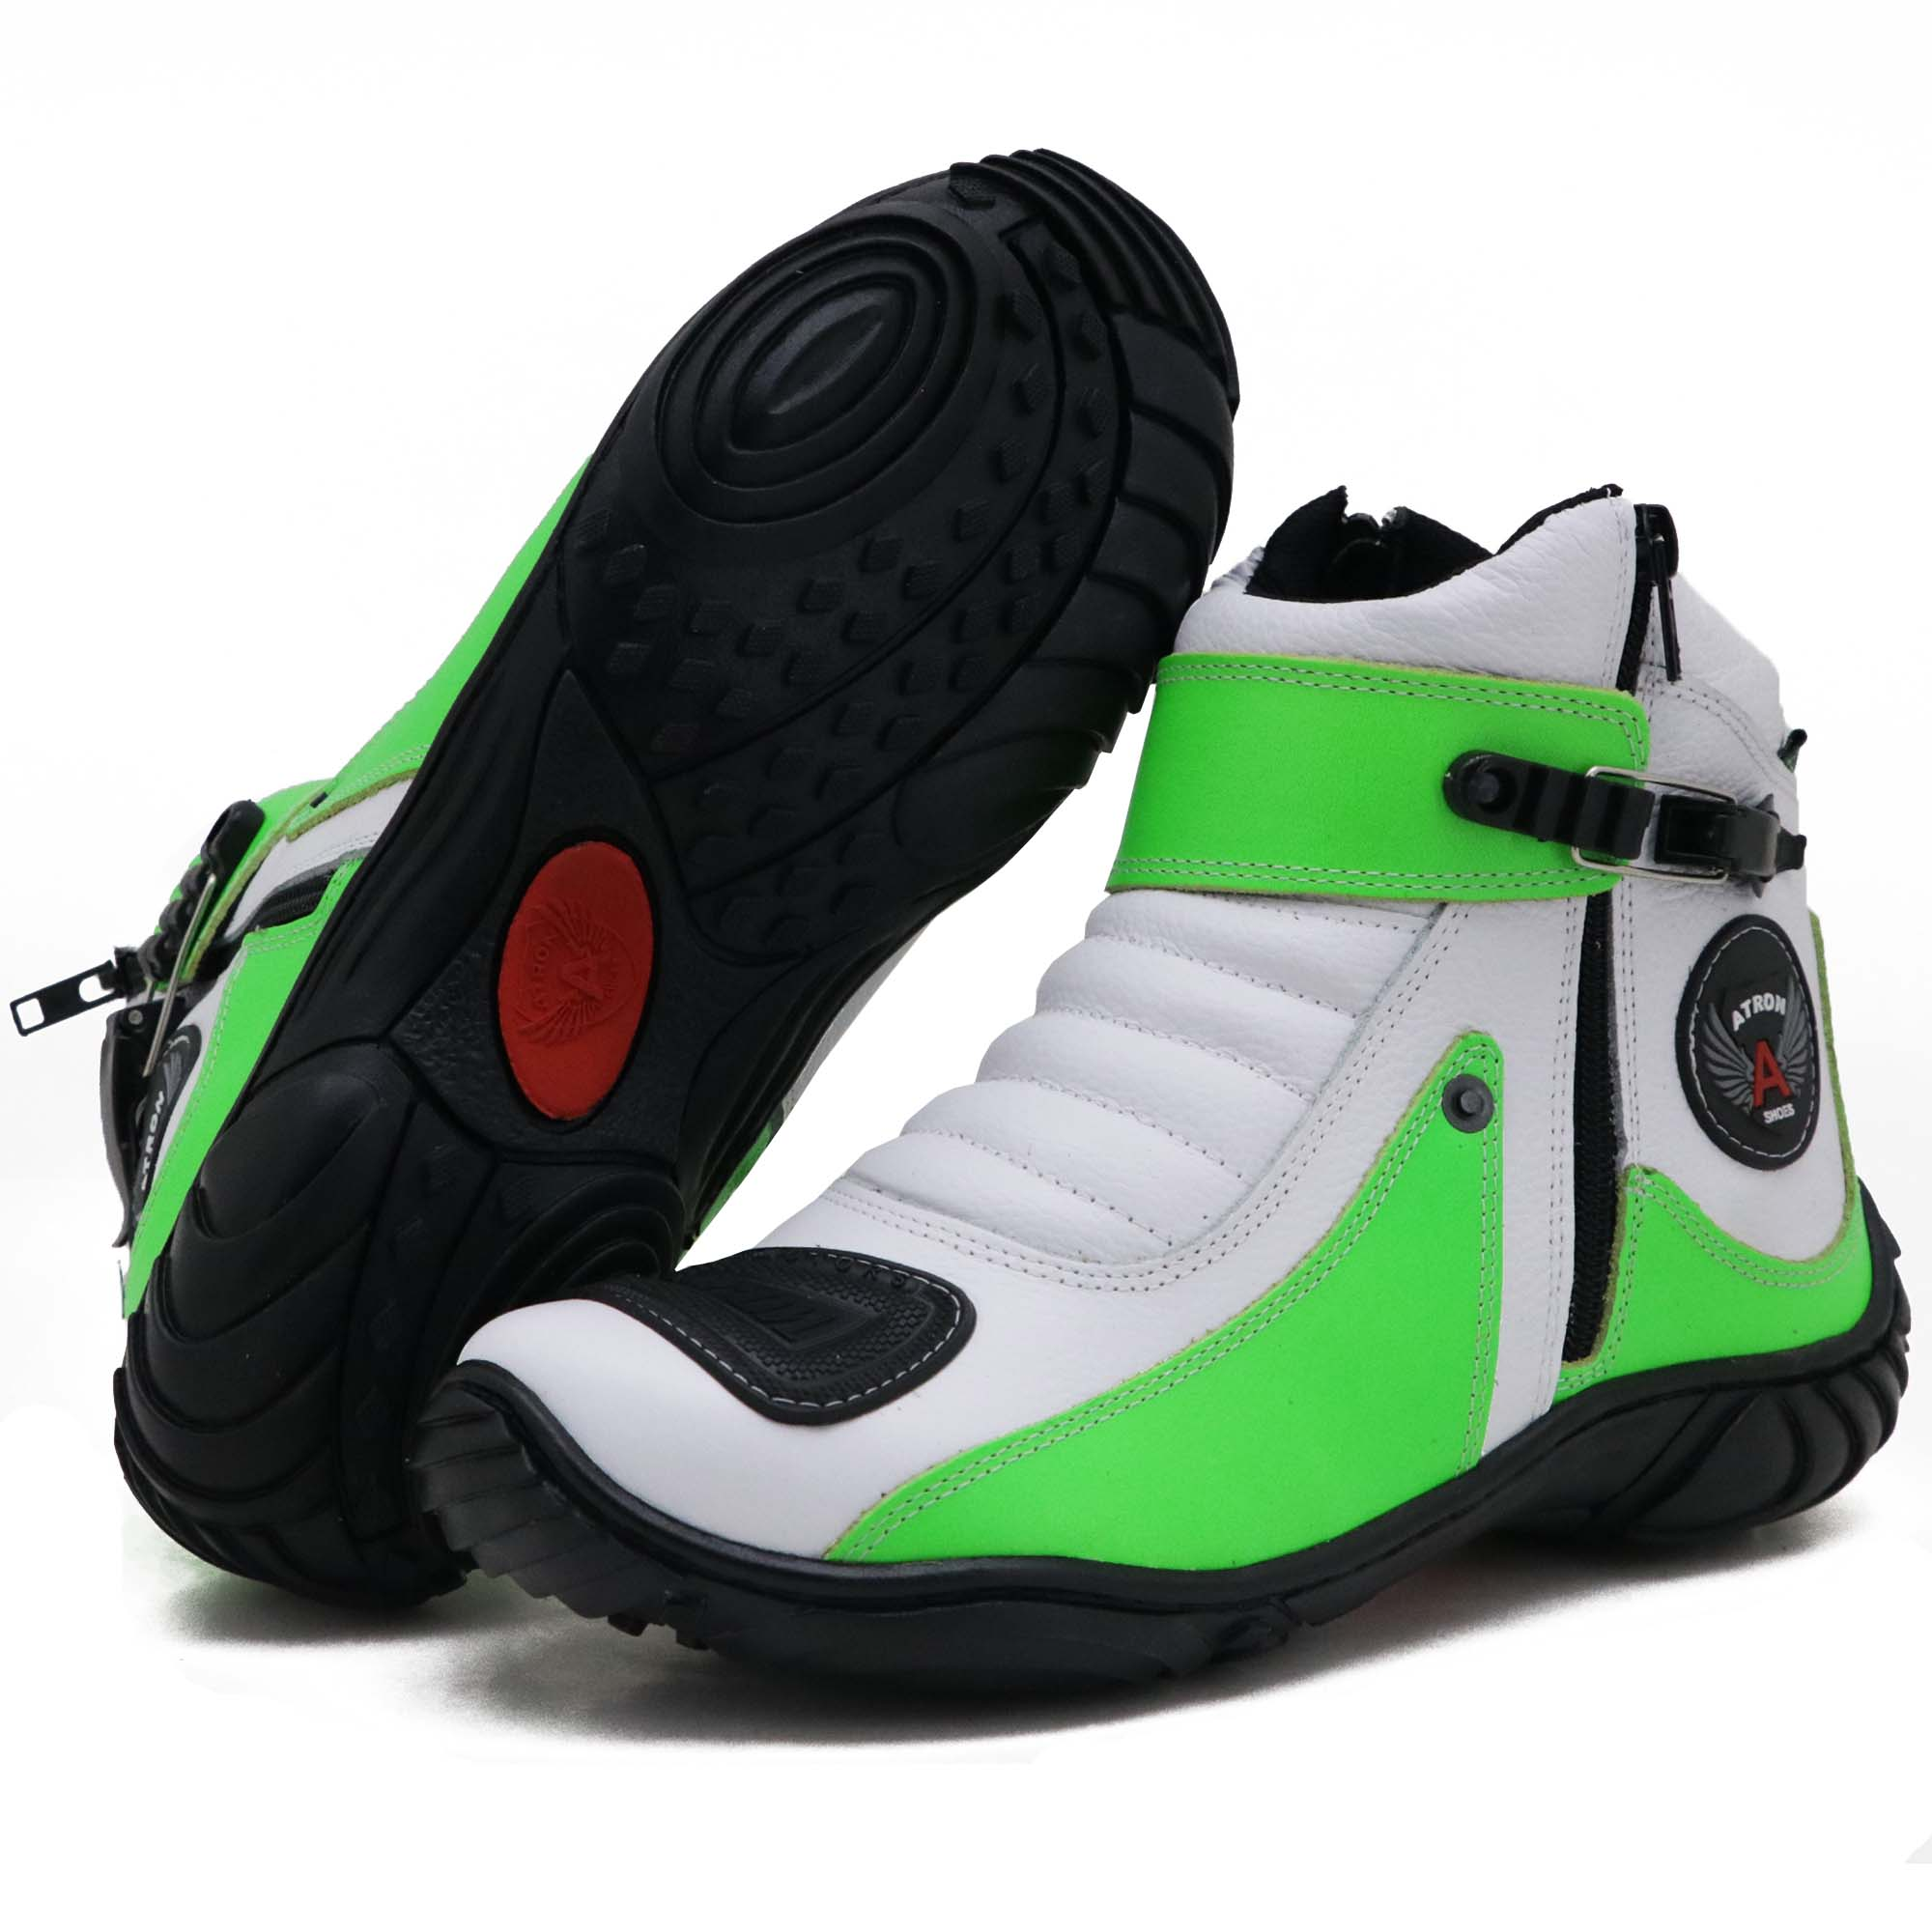 Bota motociclista em couro legítimo 271 personalizado branco com verde